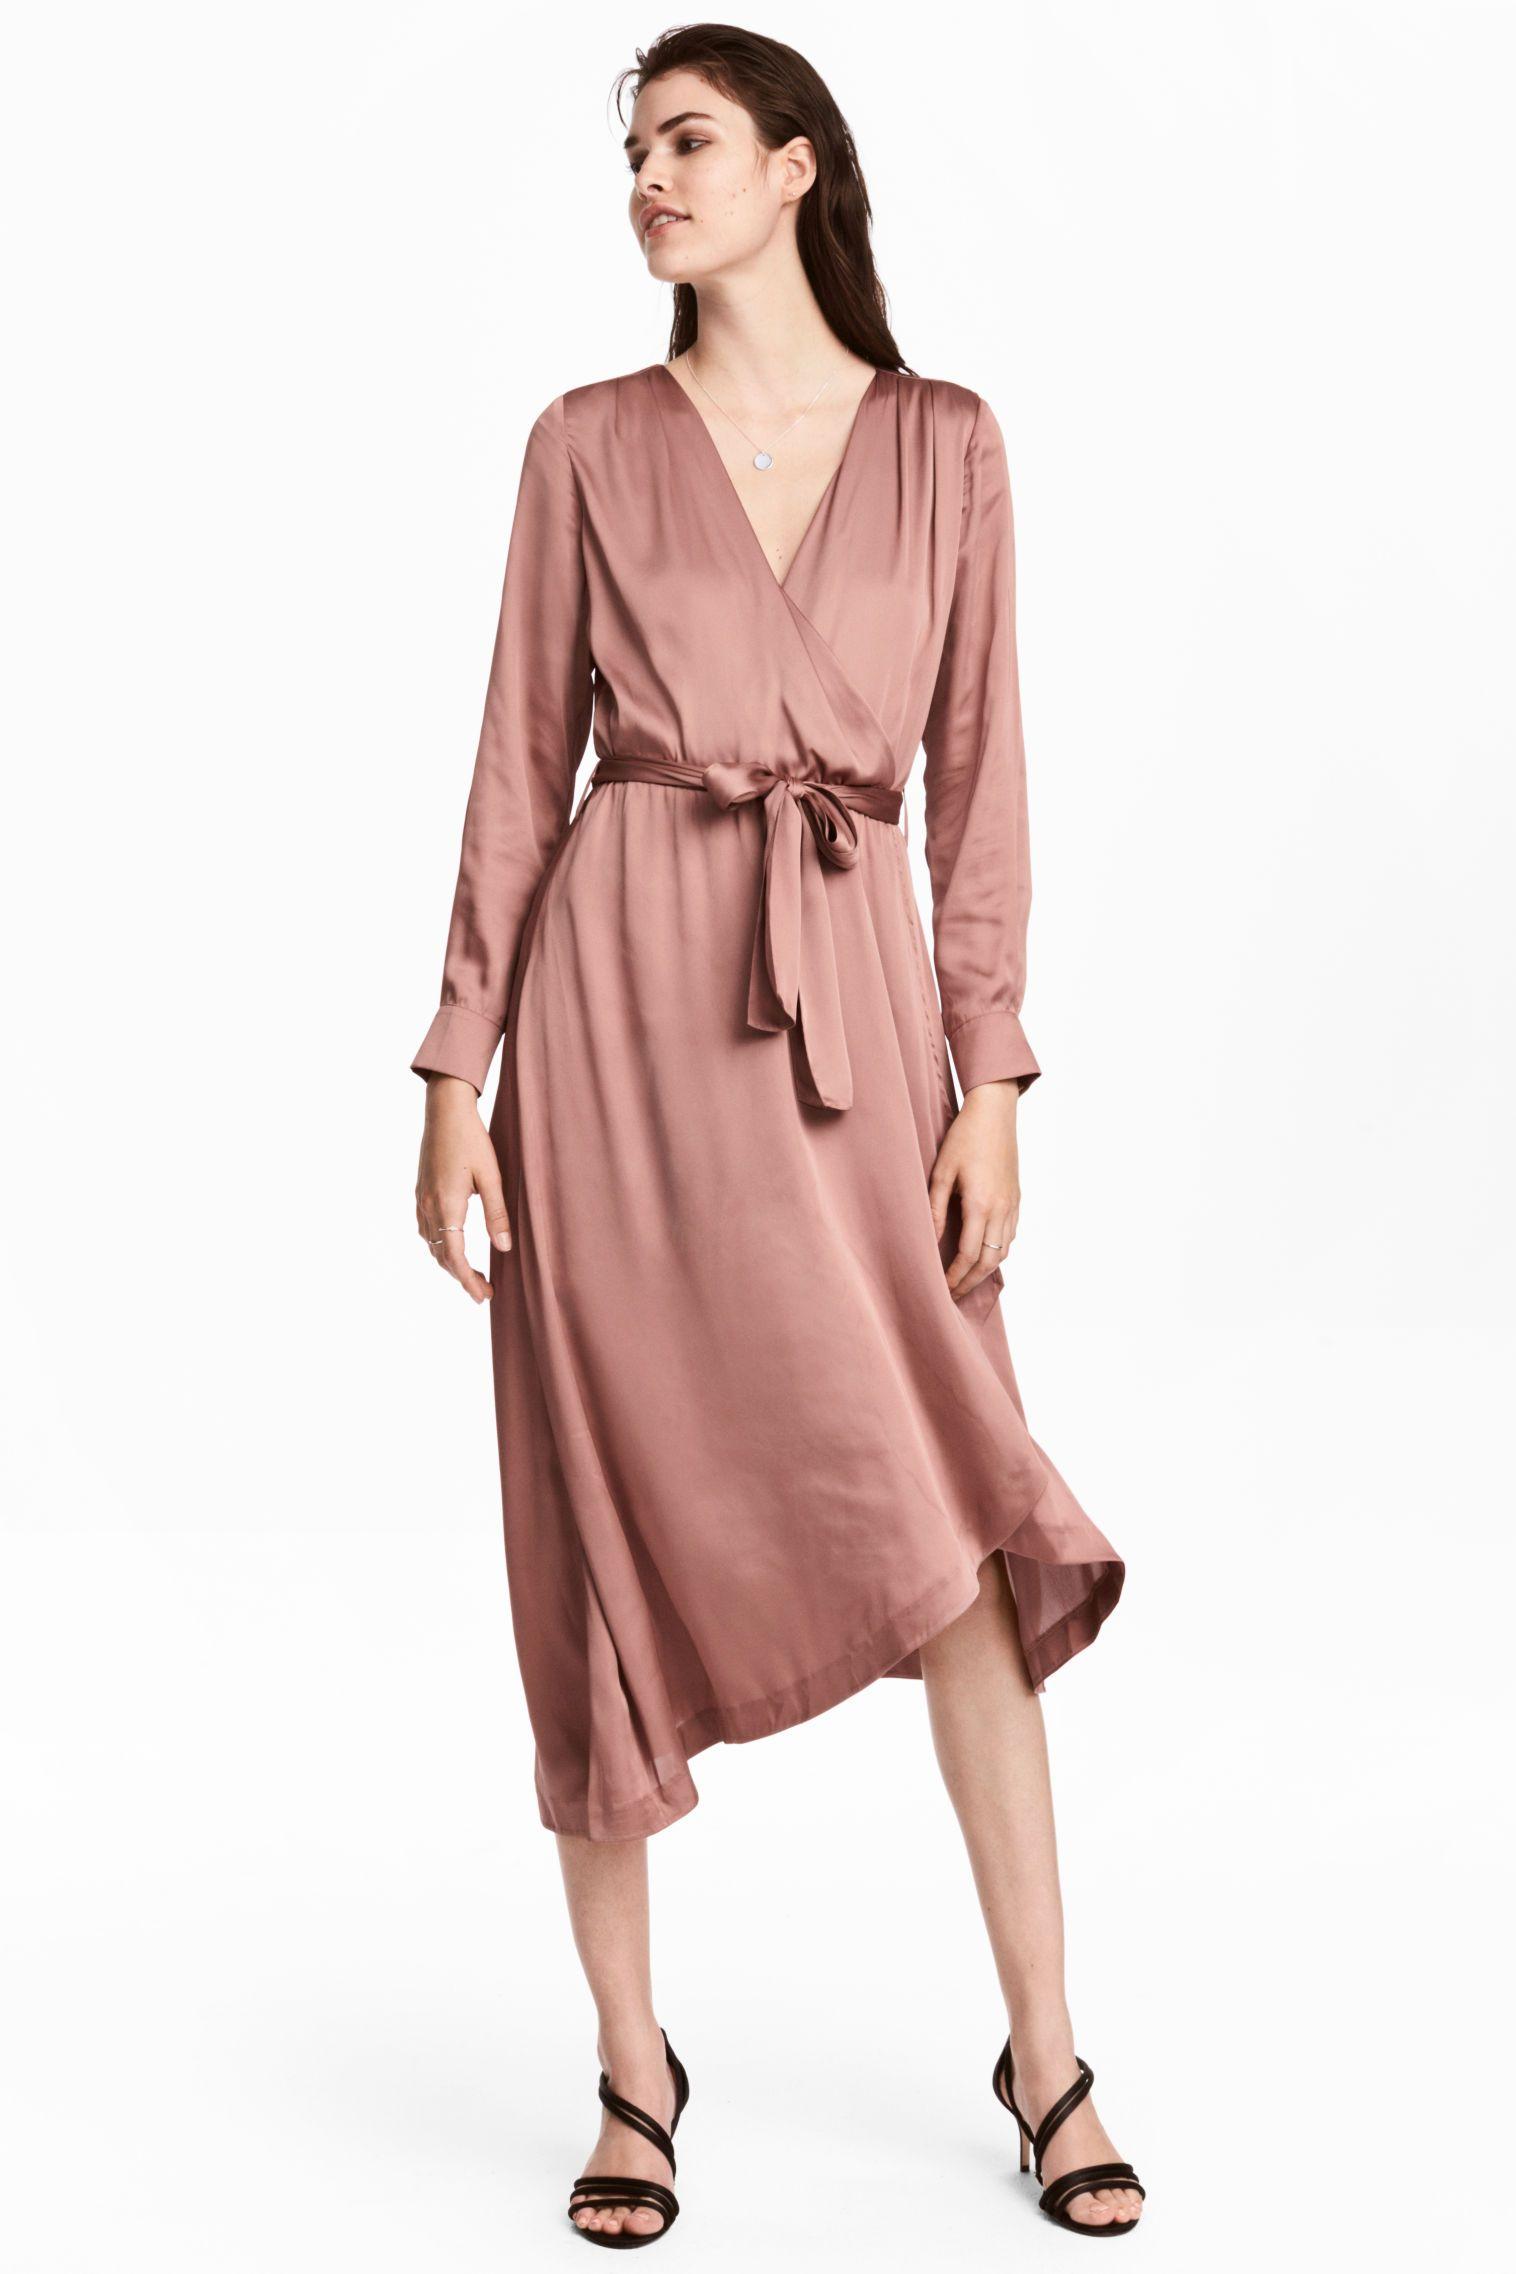 Vestido traçado em cetim | Pinterest